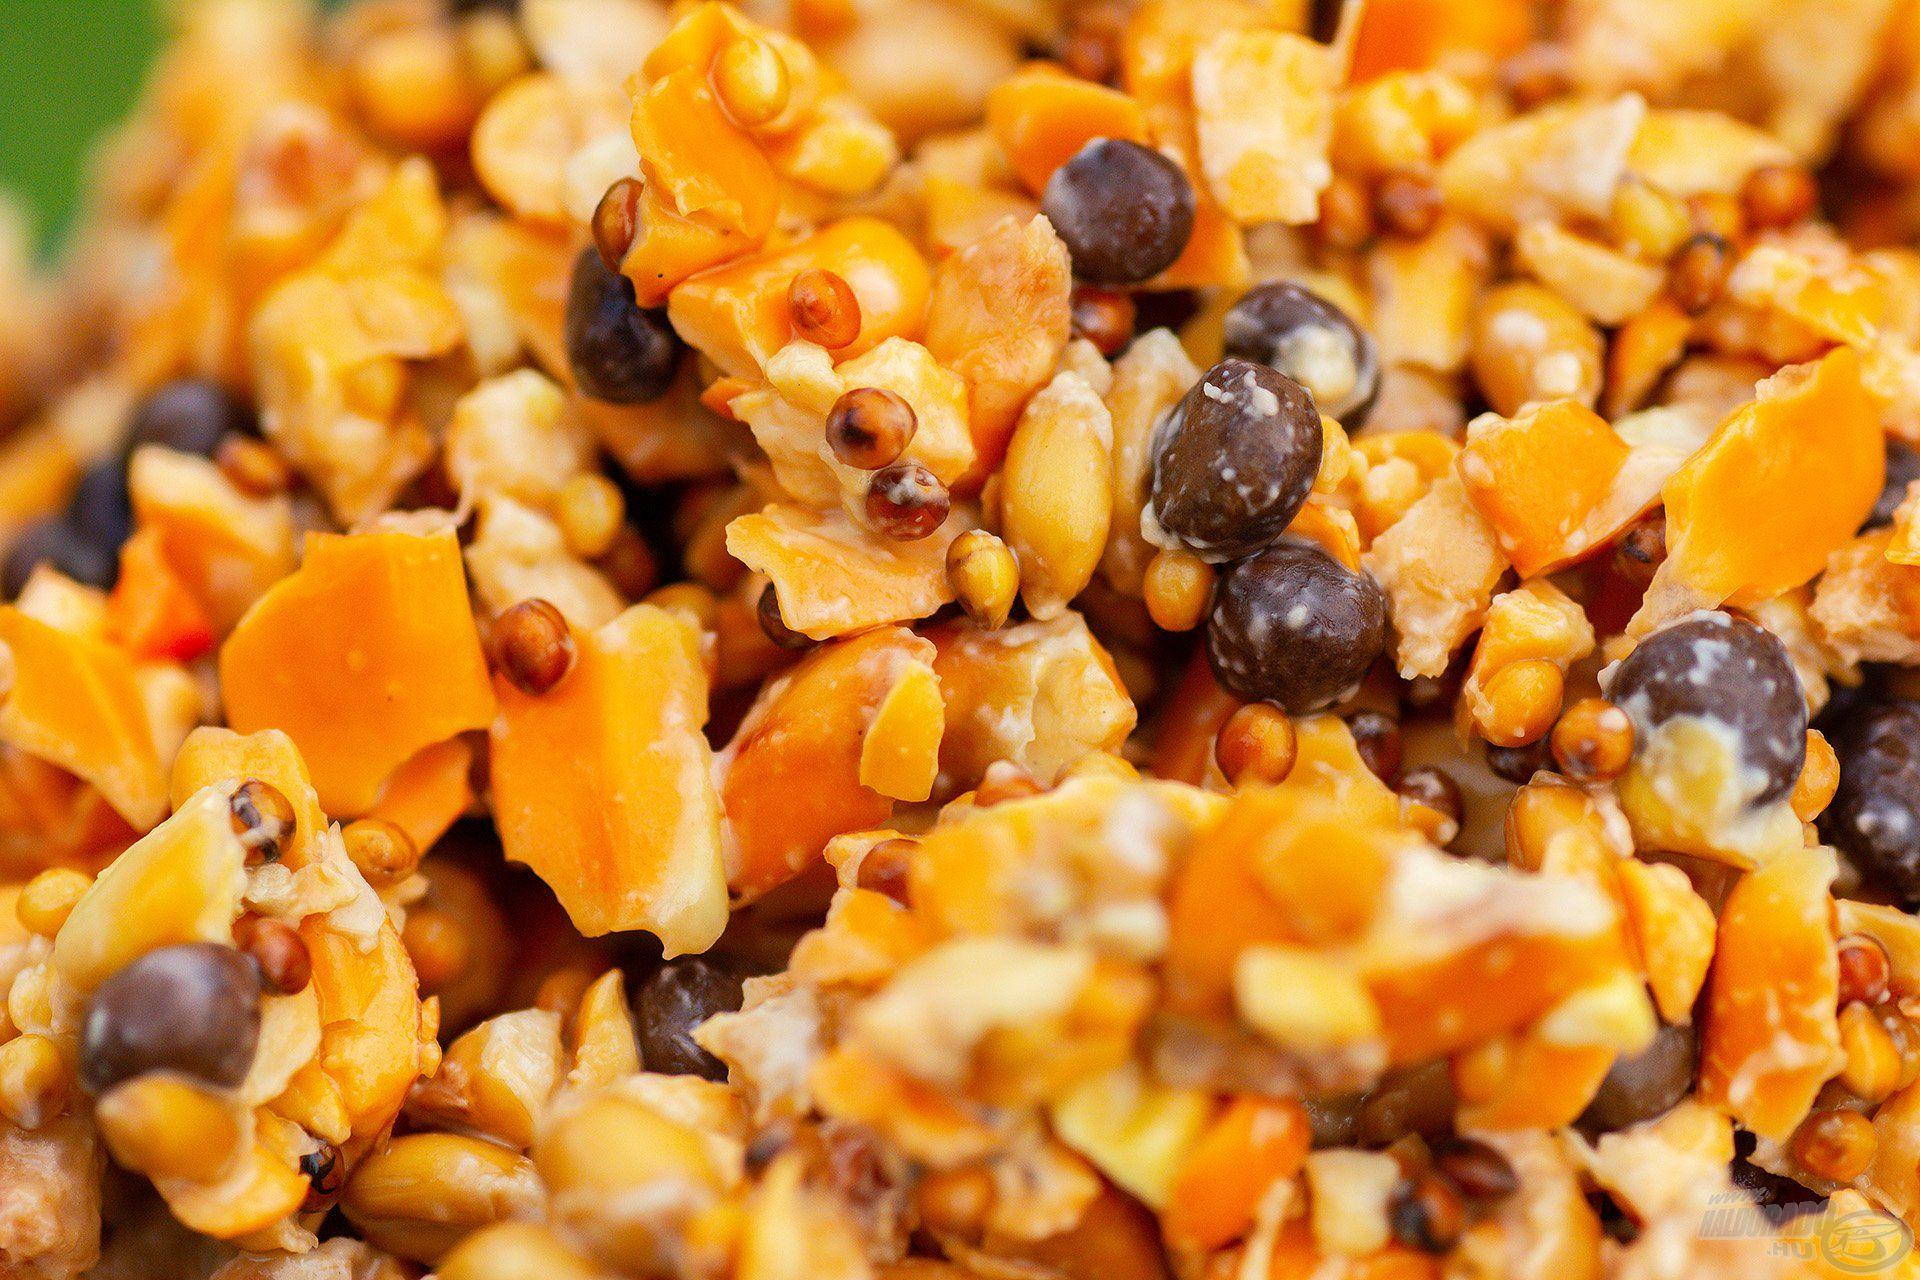 A Mézes Pálinkás egy igazi édes finomság. Akárcsak a többinek, ennek az alapját is tejsavas kukorica, illetve búzaszemek, pontosabban darabkák képezik, melyhez tökéletes kiegészítő a sárga és vörös köles, valamint bükköny mag